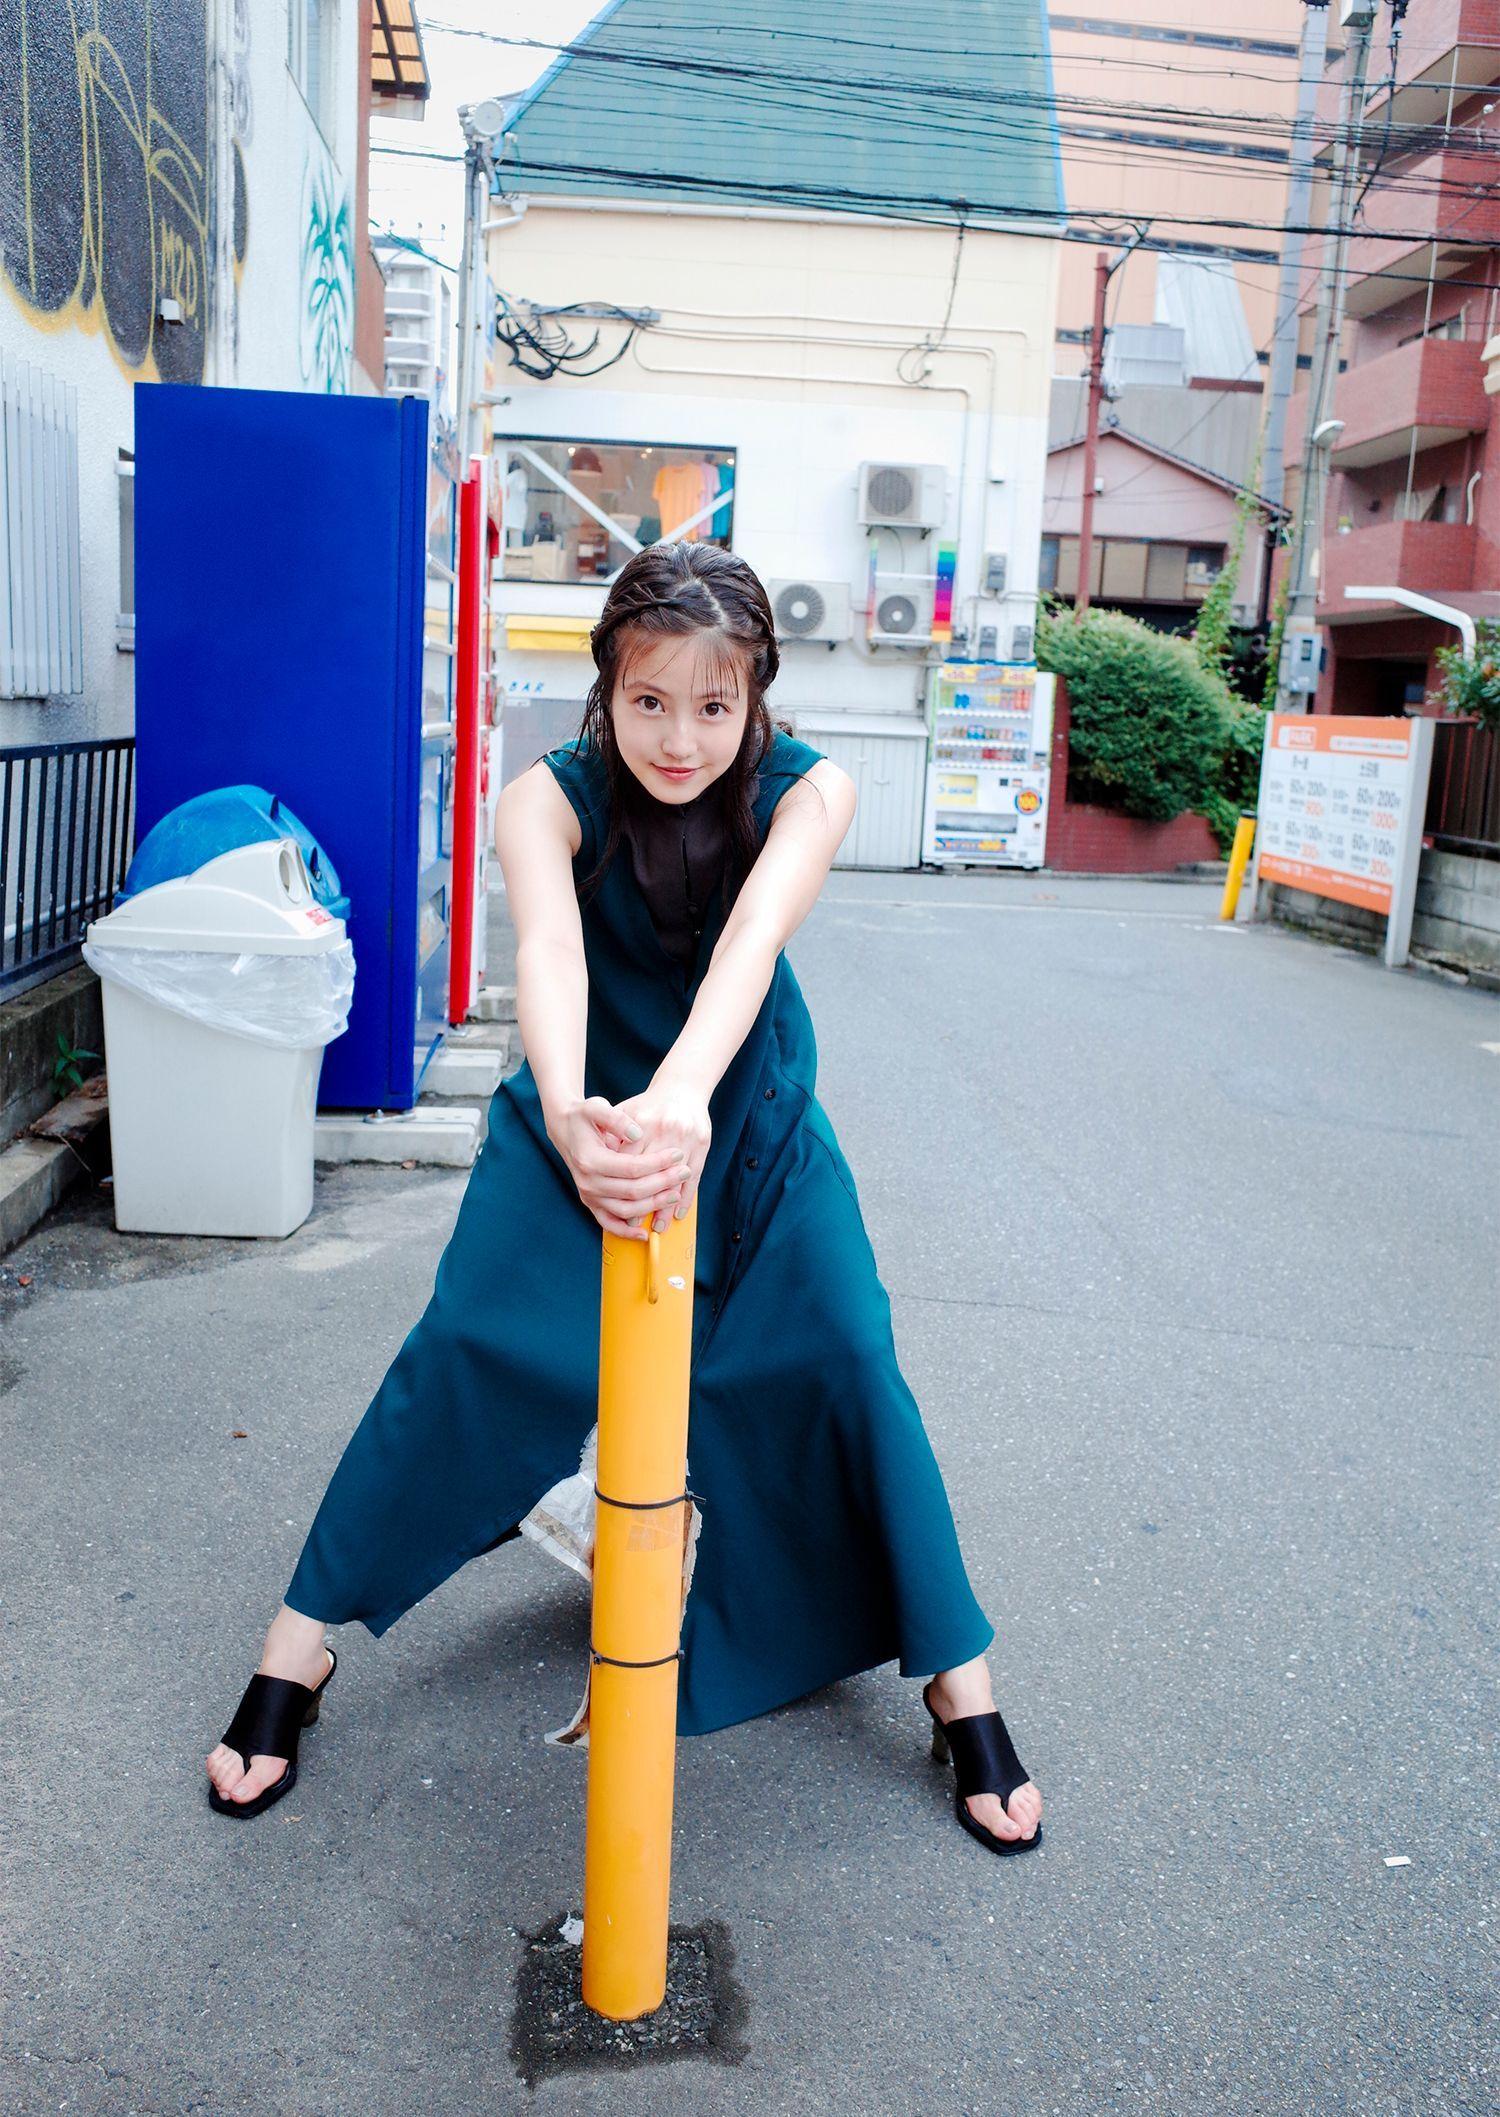 今田美樱Weekly Playboy写真集「スタミナ」 养眼图片 第20张